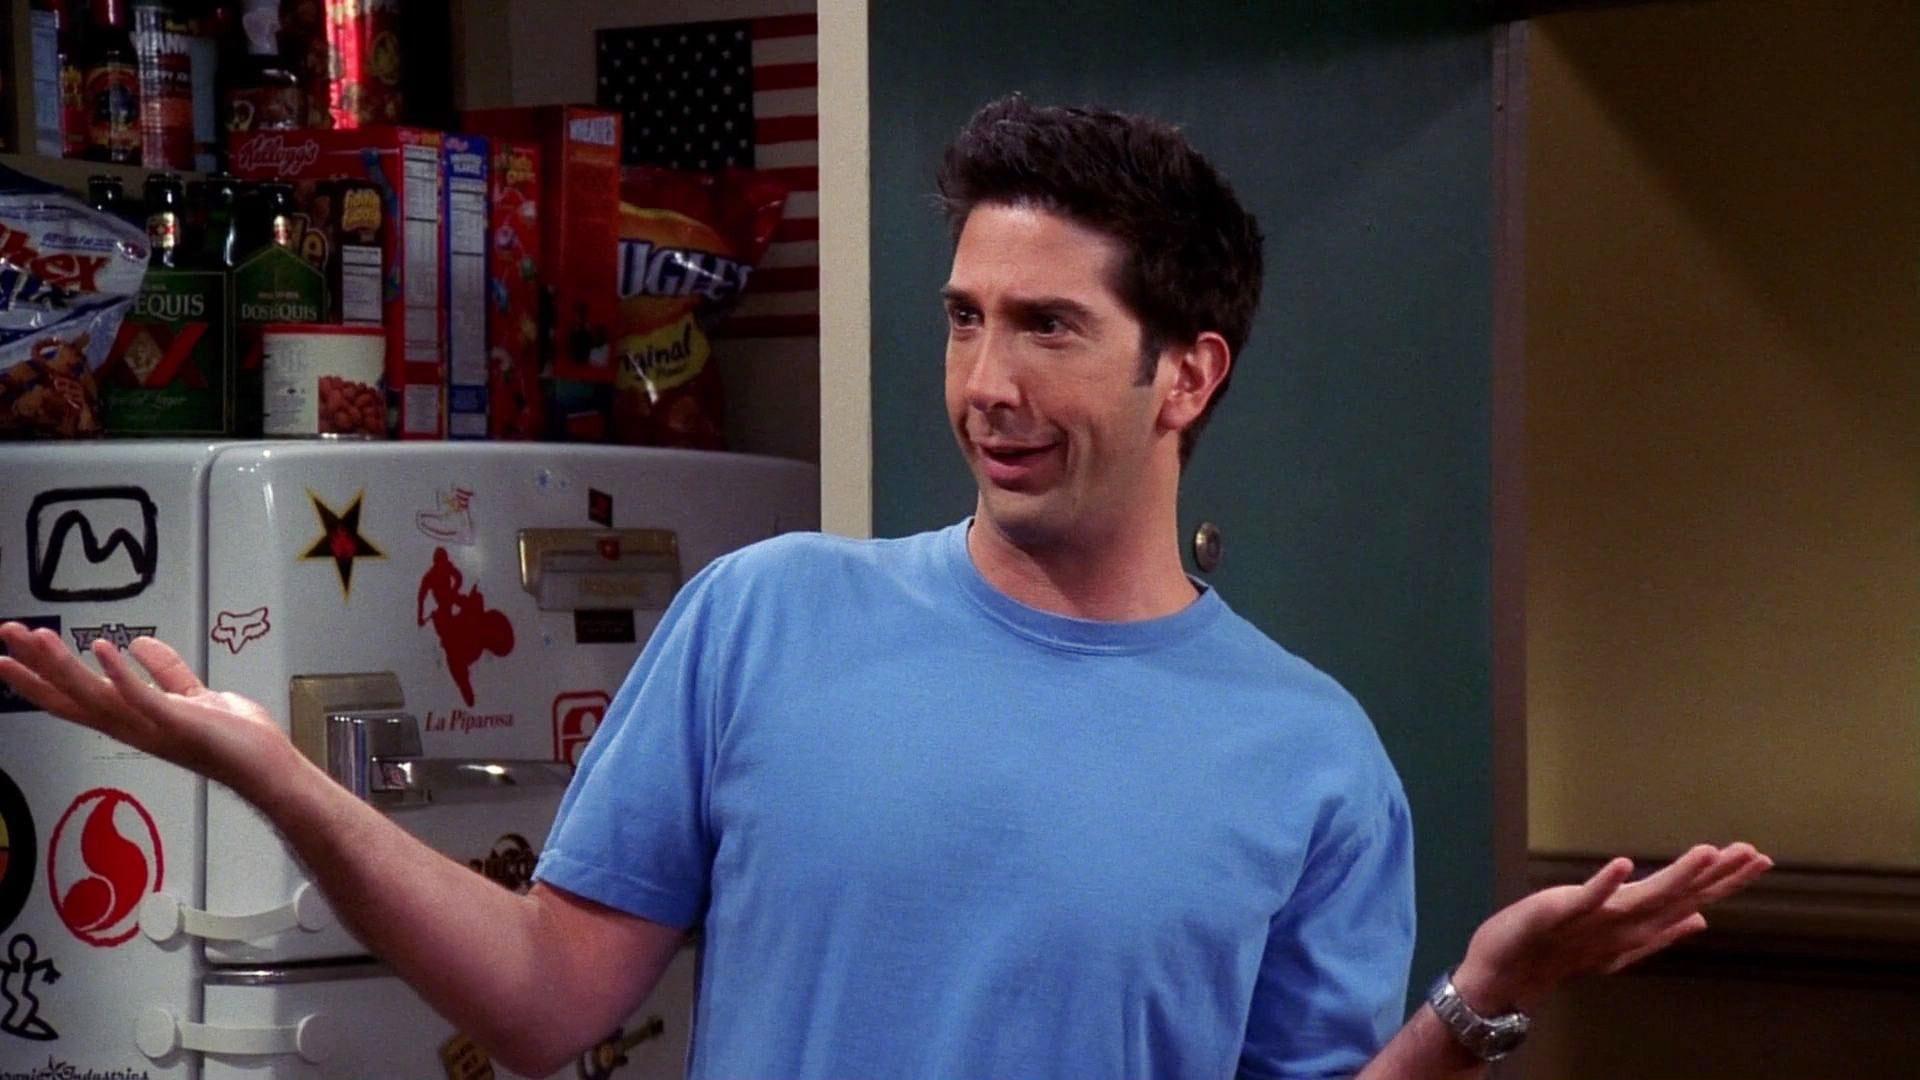 Descubra qual é o episódio mais engraçado de Friends - 7